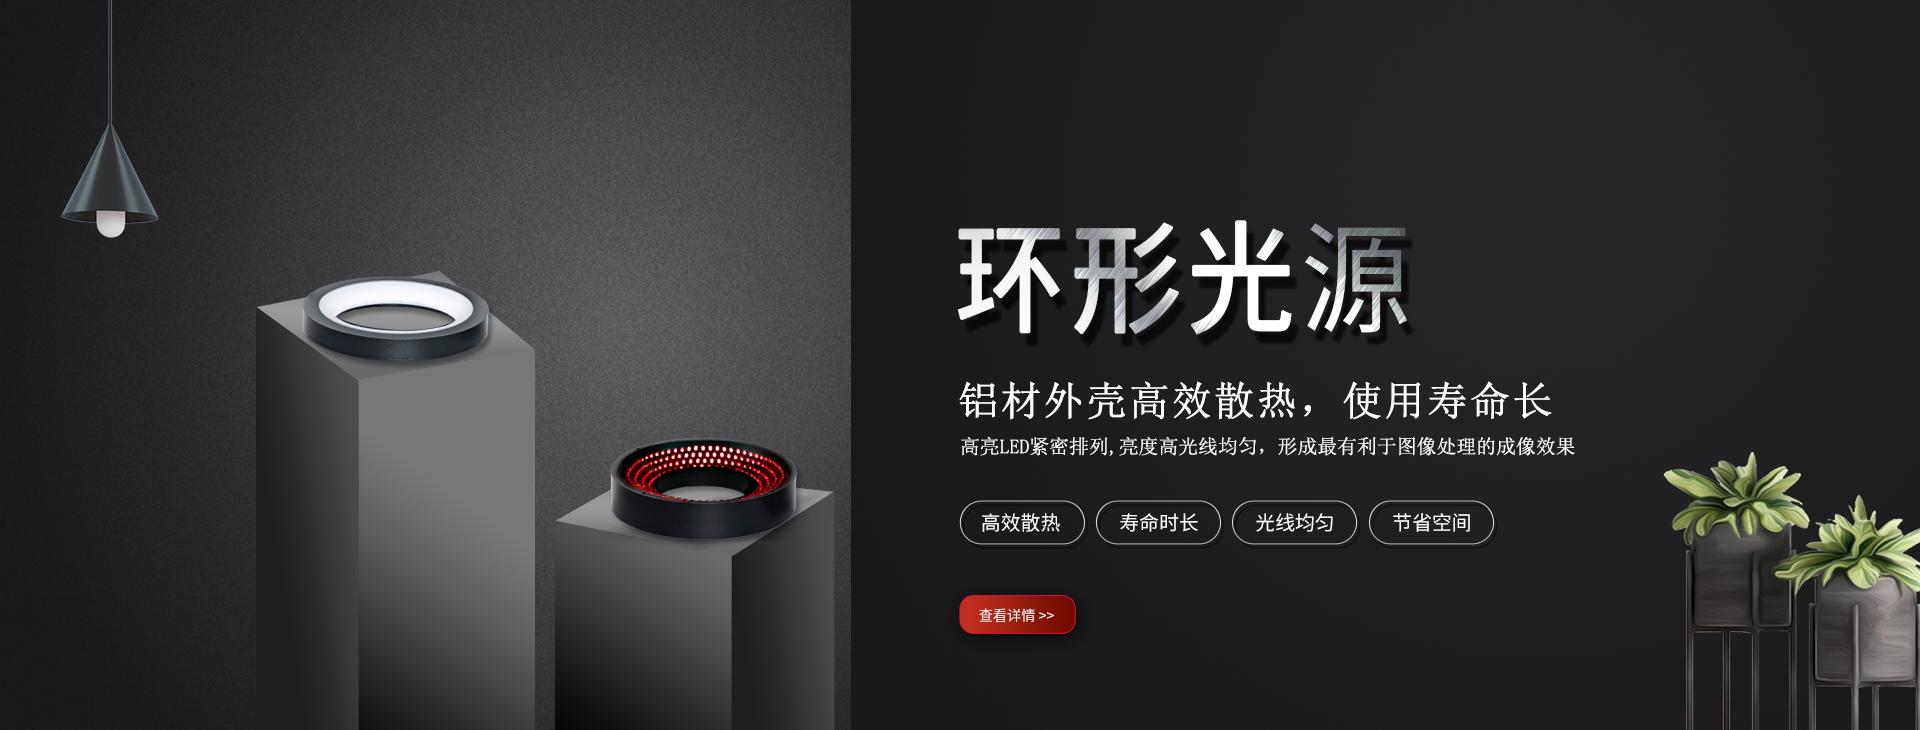 LED光源控制器,机器视觉实验架